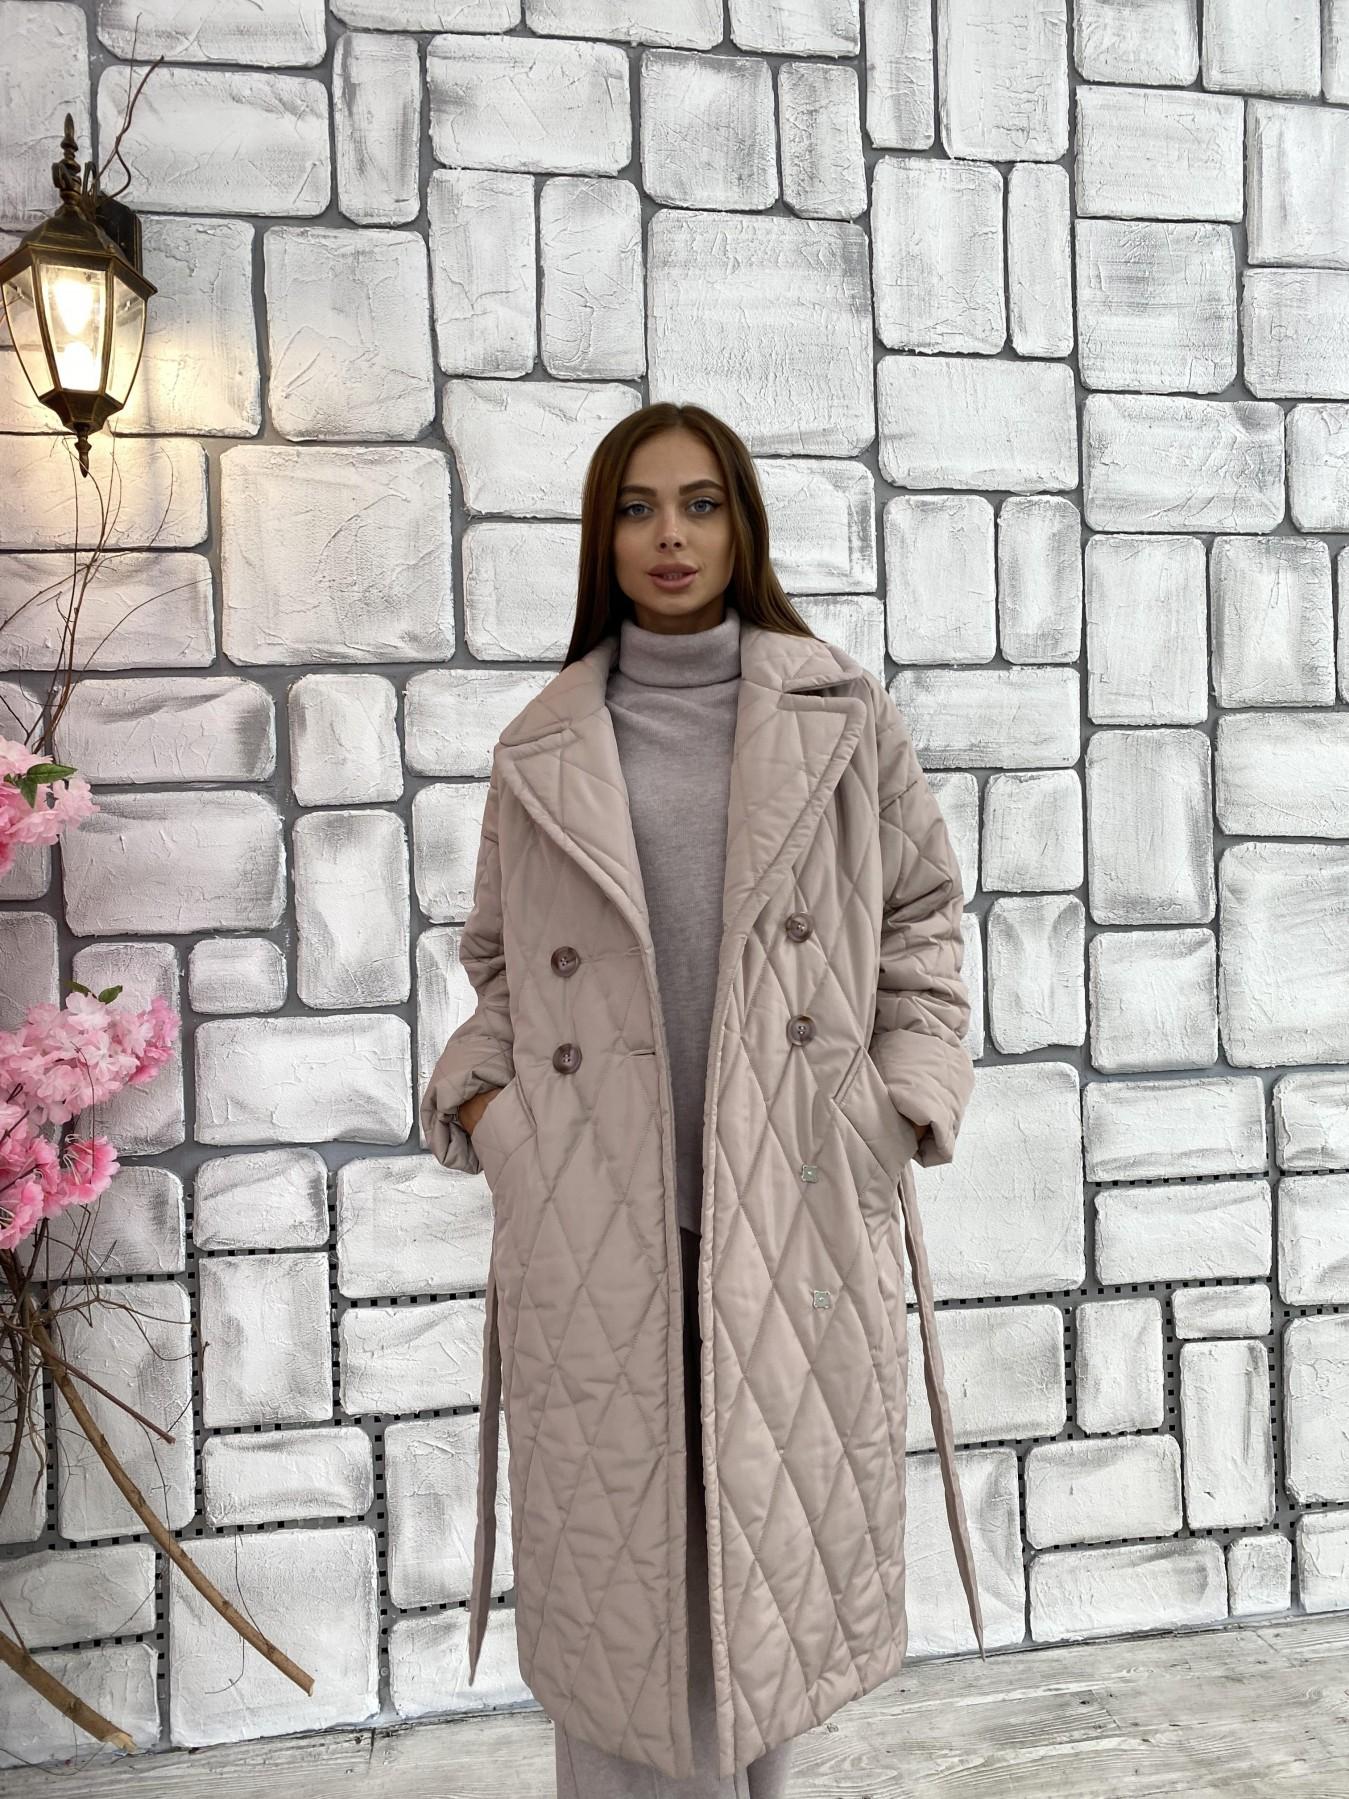 Хаски пальто из стеганой плащевки в ромб 11697 АРТ. 48405 Цвет: Кофе - фото 2, интернет магазин tm-modus.ru